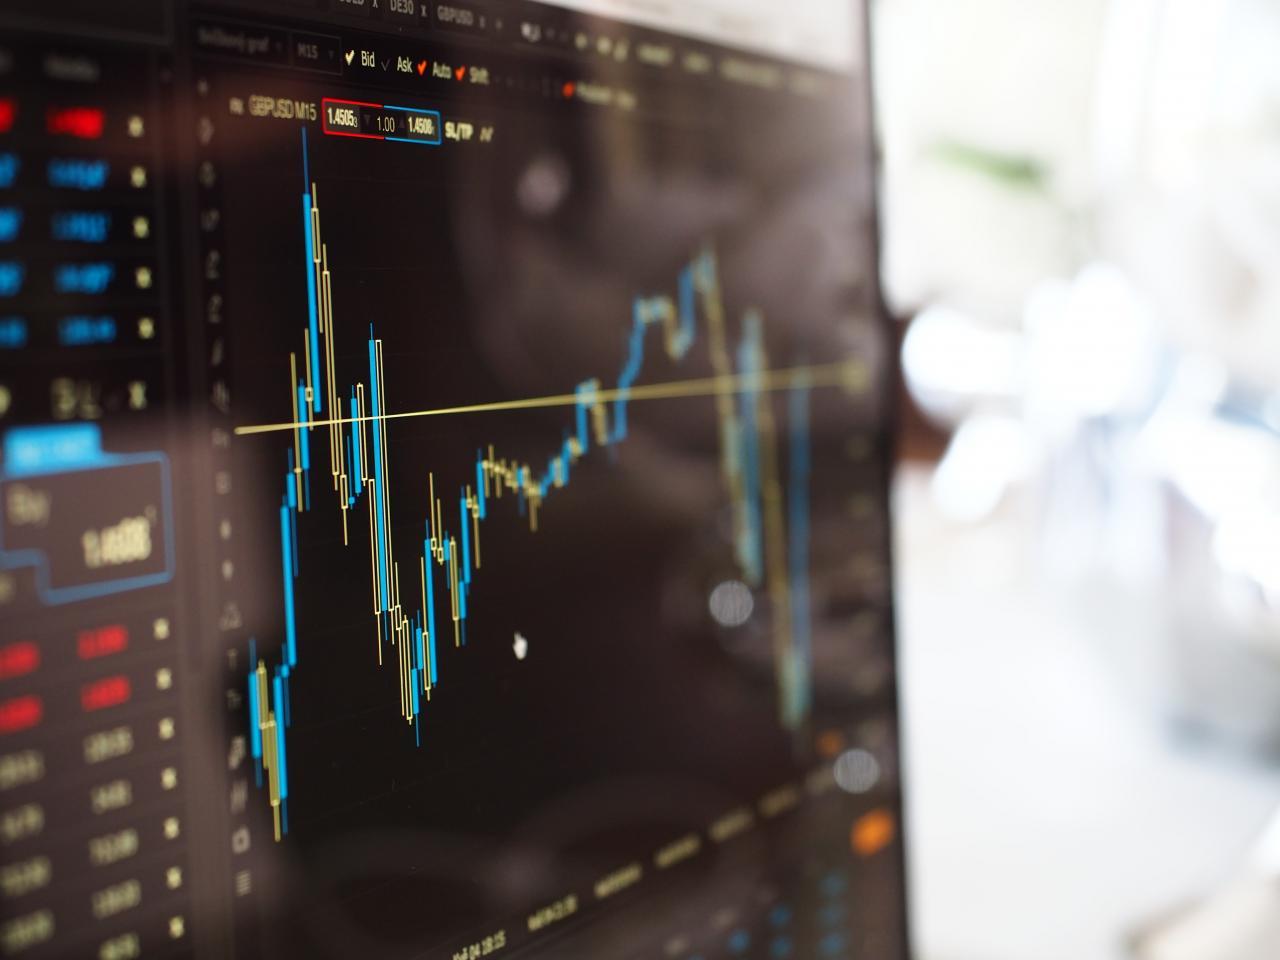 58ed90002ba8e كيفية الاستثمار في الاسهم دليلك الشامل للاستثمار واختيار افضل سهم